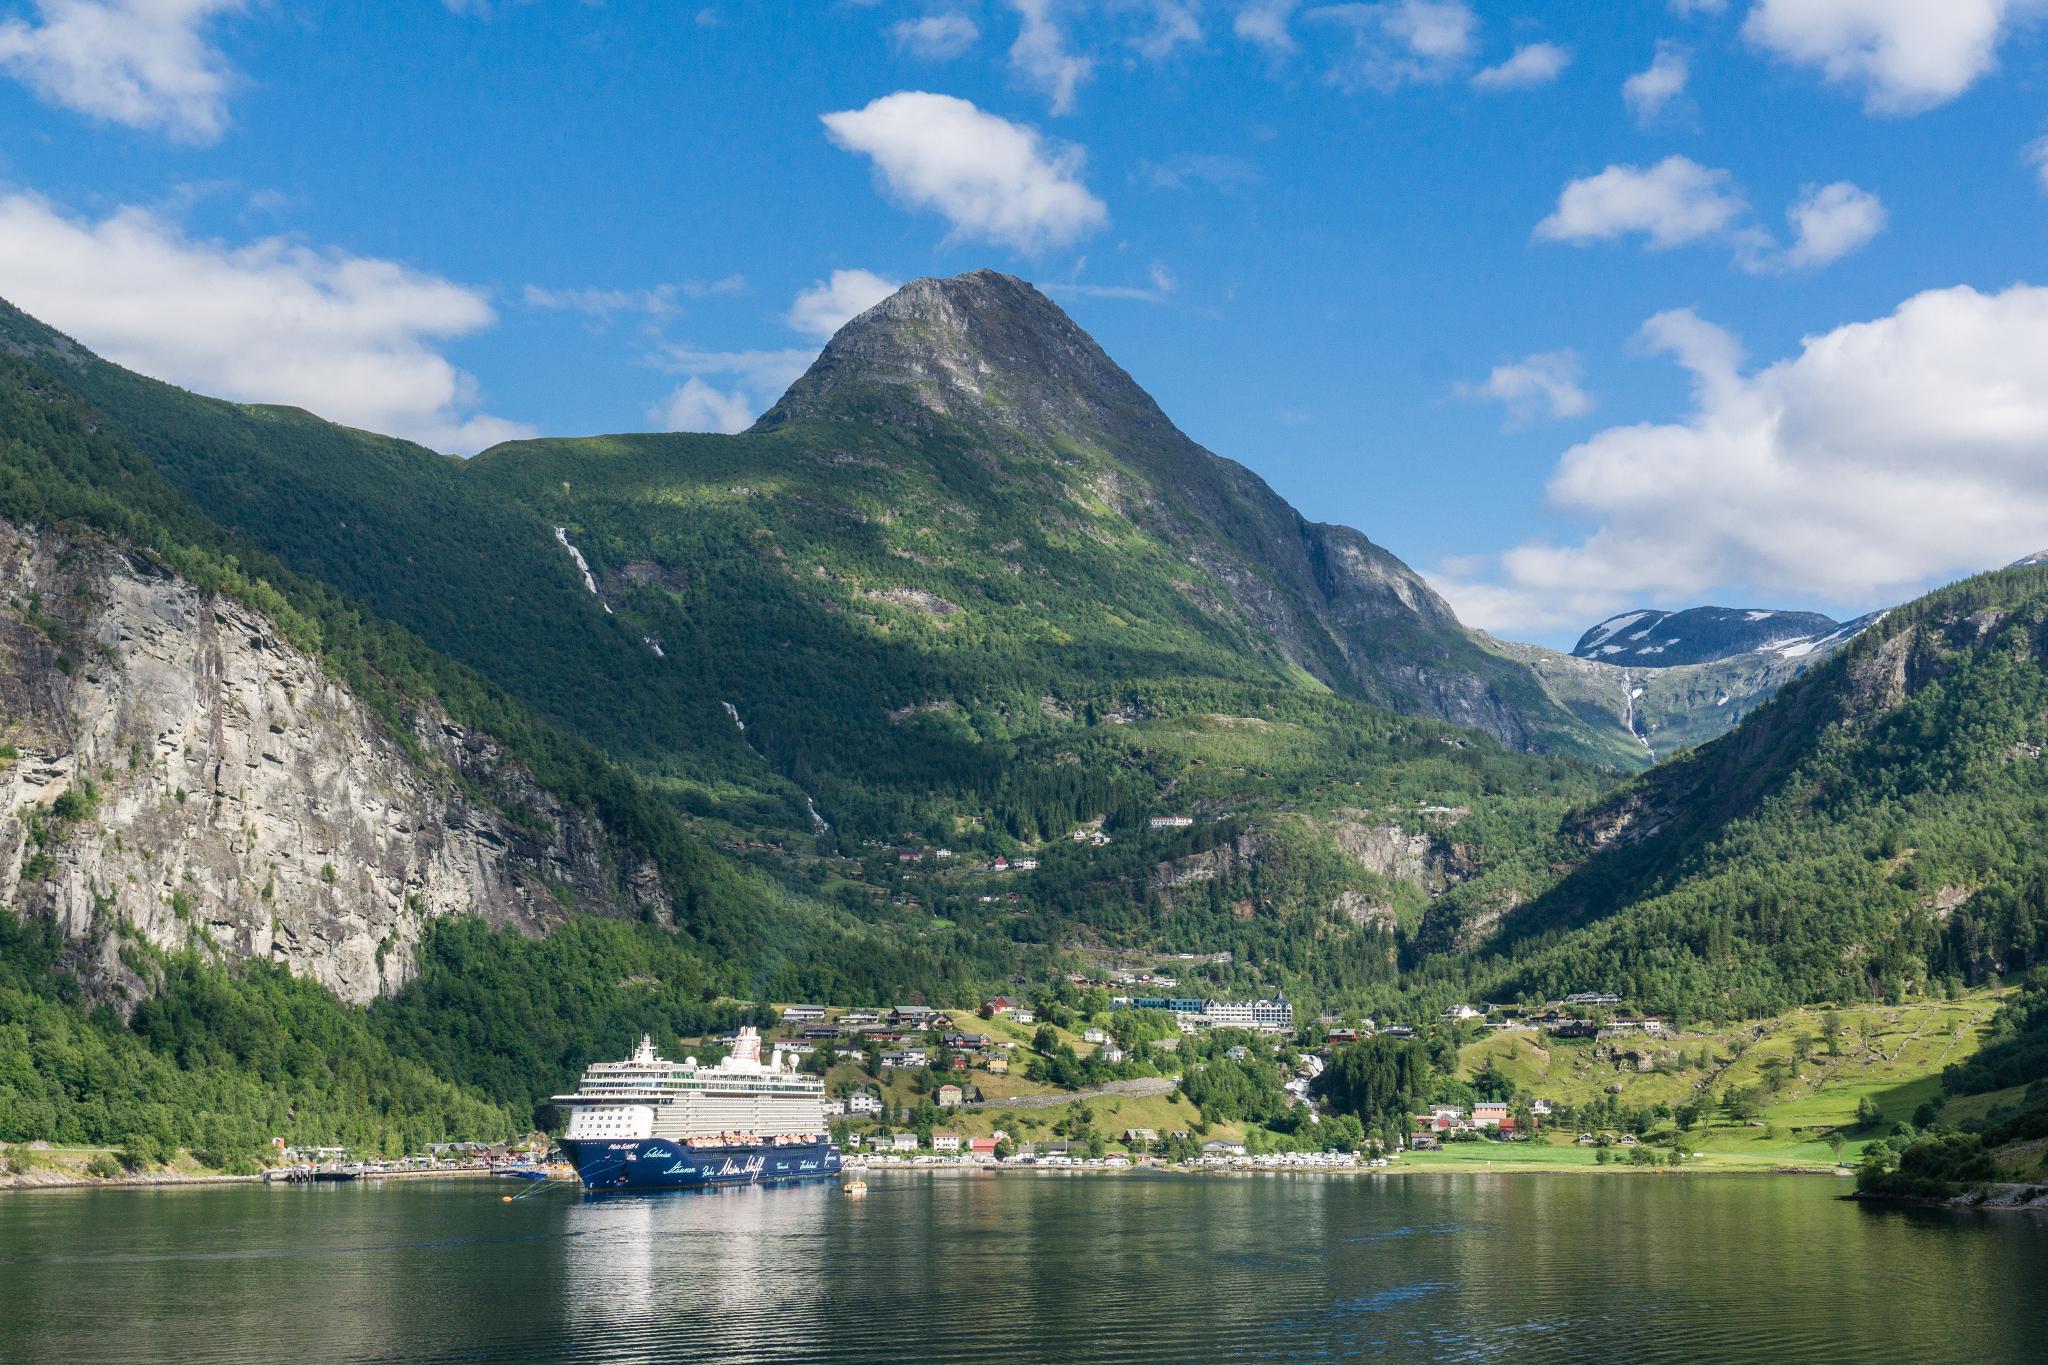 【北歐景點】Ørnesvingen 老鷹之路 ∣ 挪威世界遺產 — 蓋倫格峽灣景點總整理 21